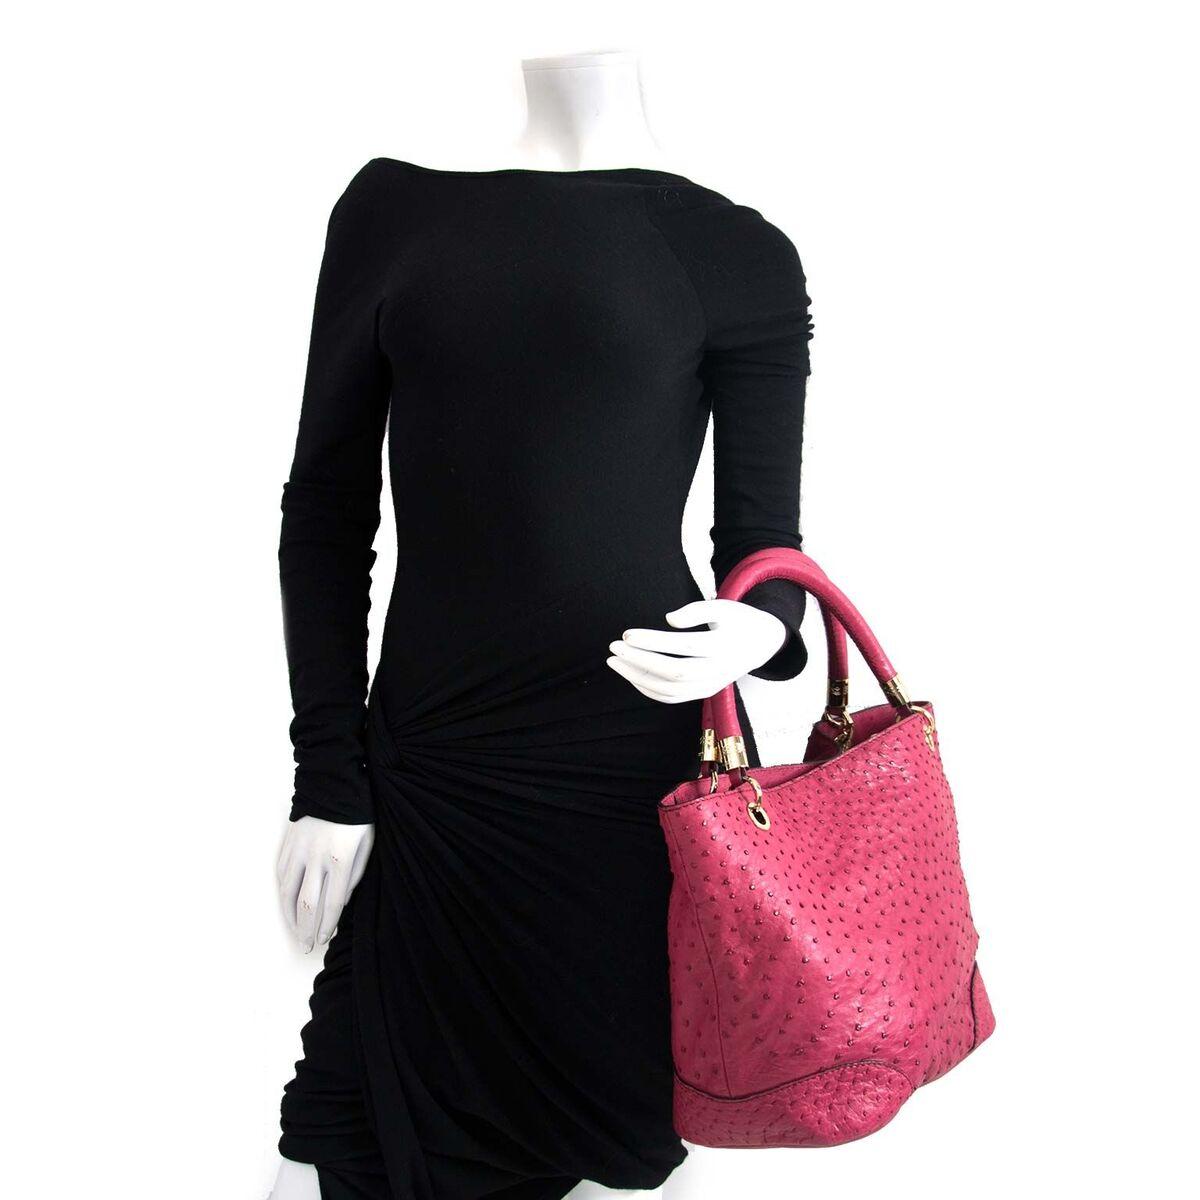 Koop authentieke tweedehands Lancel tas in donkerroze leder aan een eerlijke prijs bij LabelLOV. Veilig online shoppen.